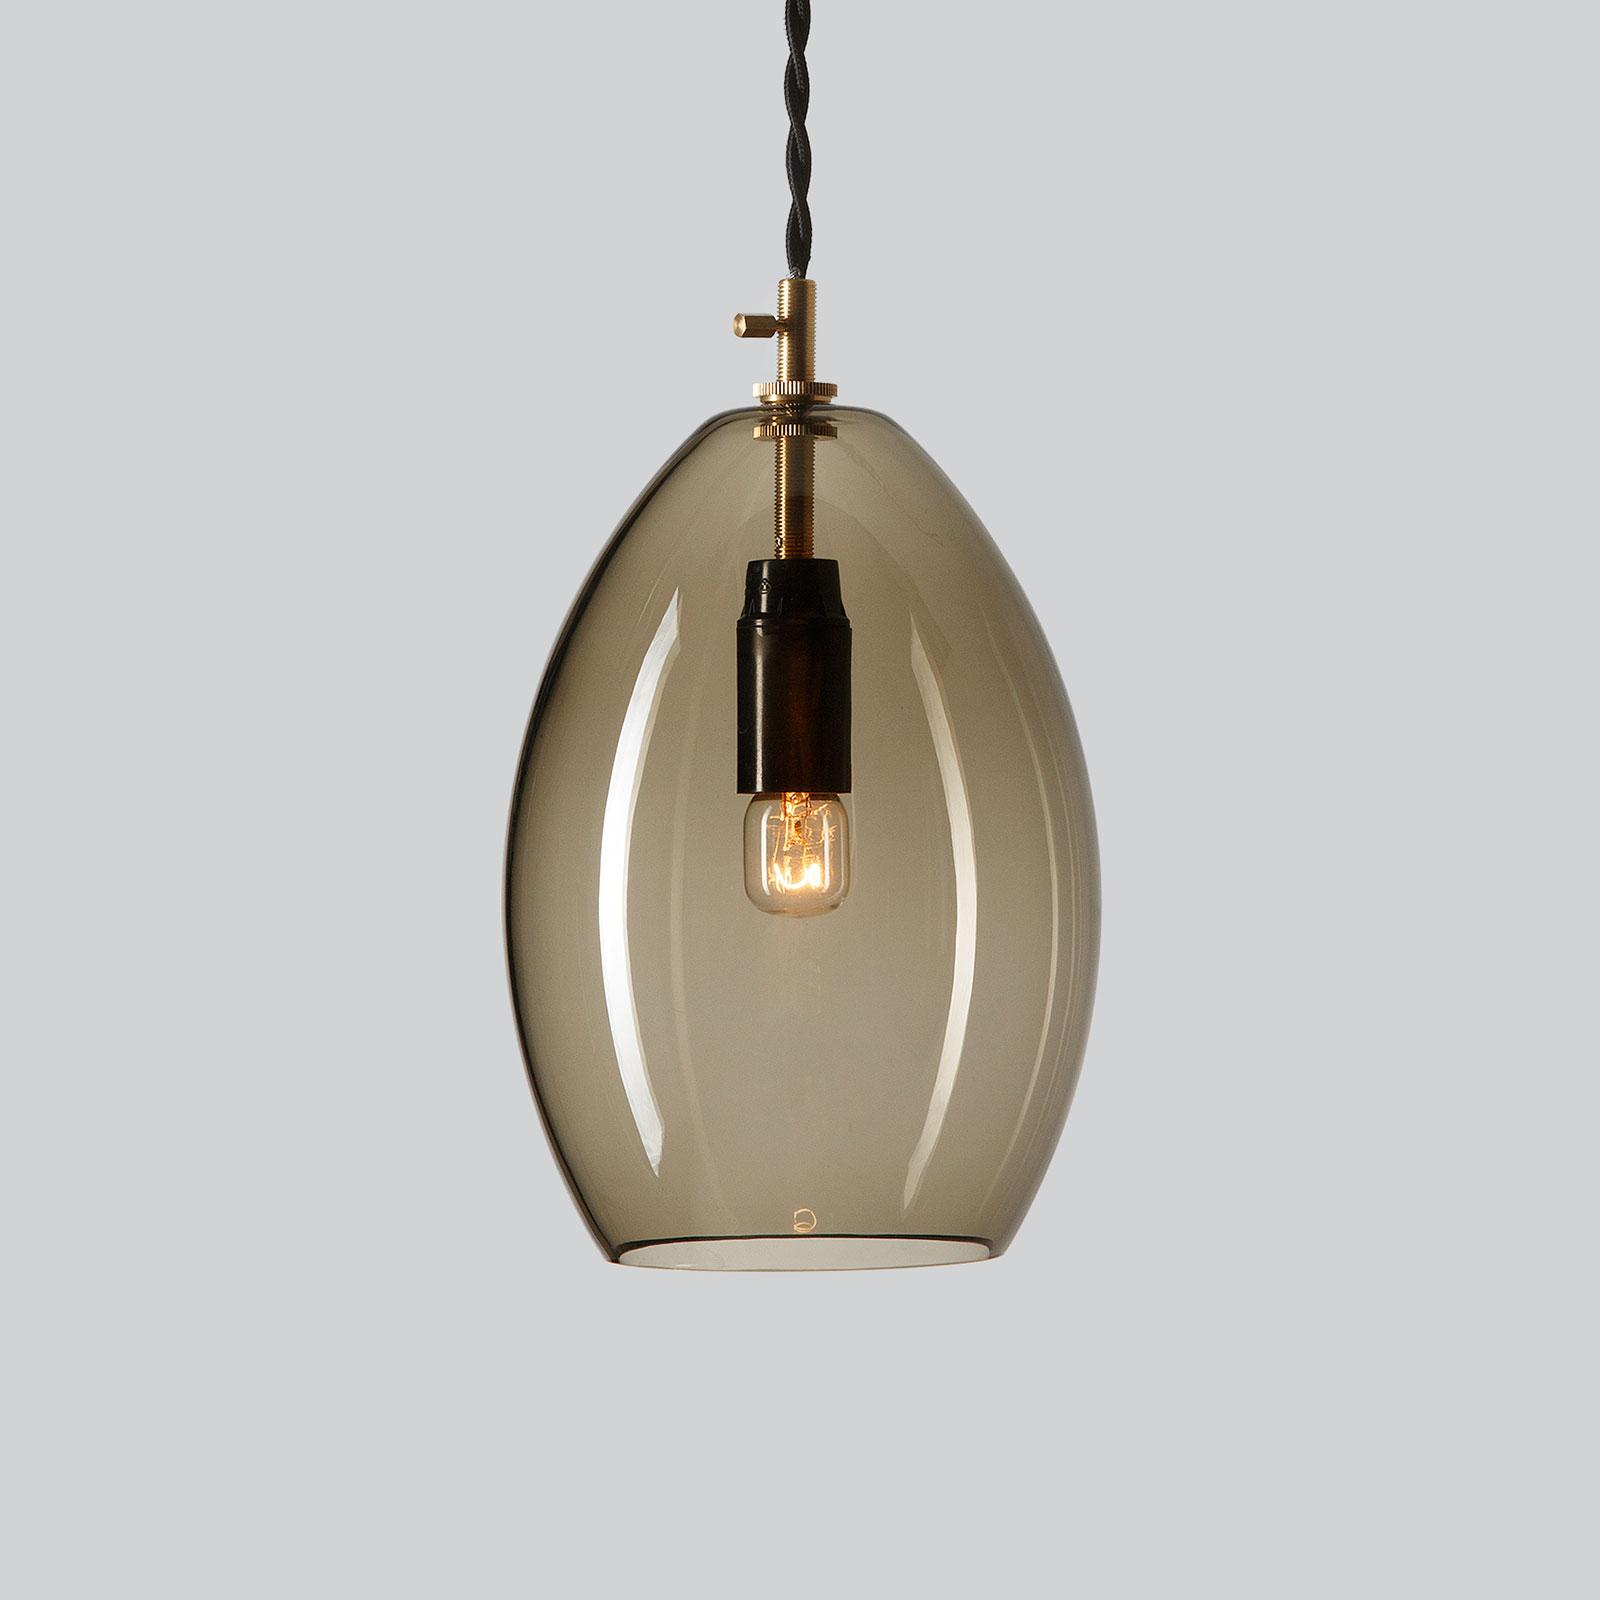 Northern Unika hanglamp rookgrijs, large